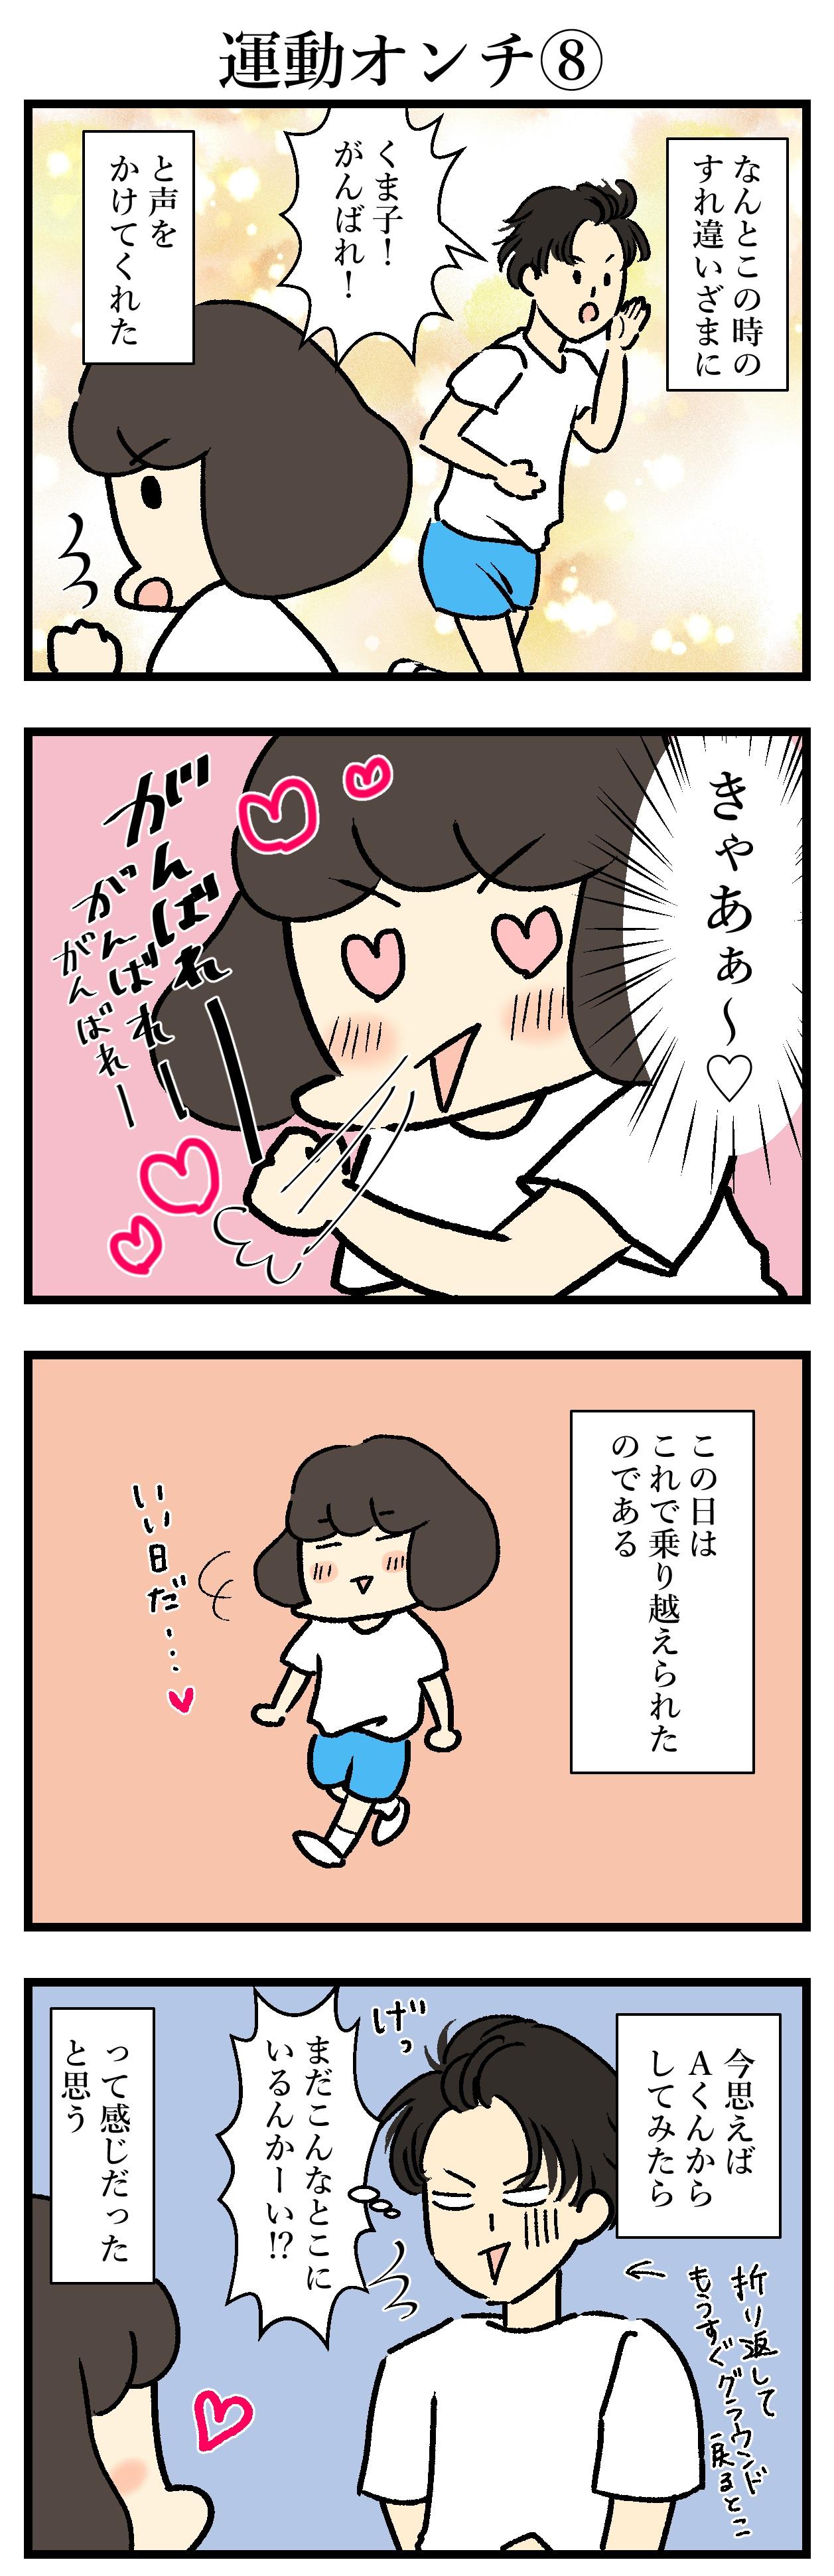 【エッセイ漫画】アラサー主婦くま子のふがいない日常(90)